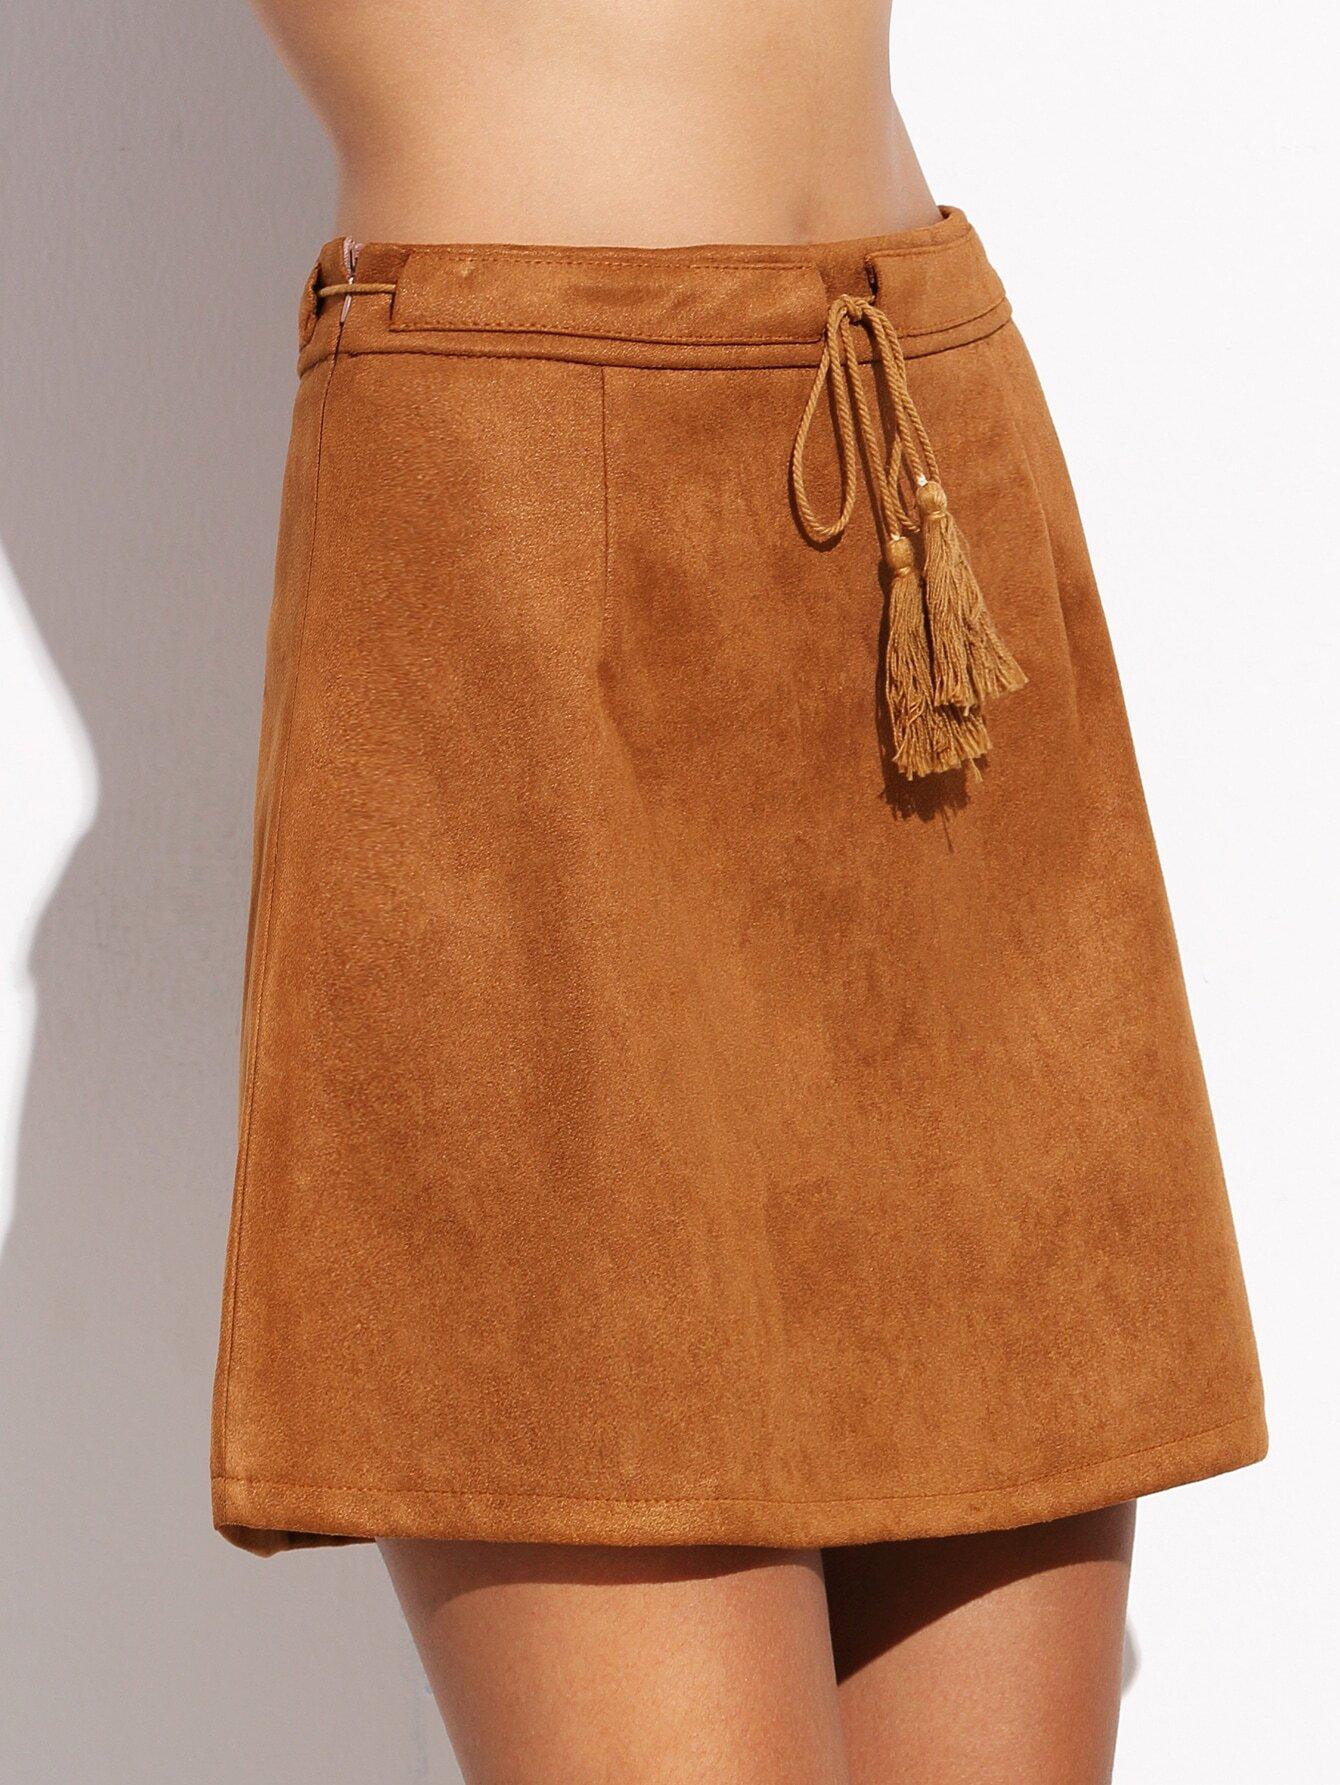 Jupe en similicuir daim avec lacet brun clair french romwe for Acheter maison suede